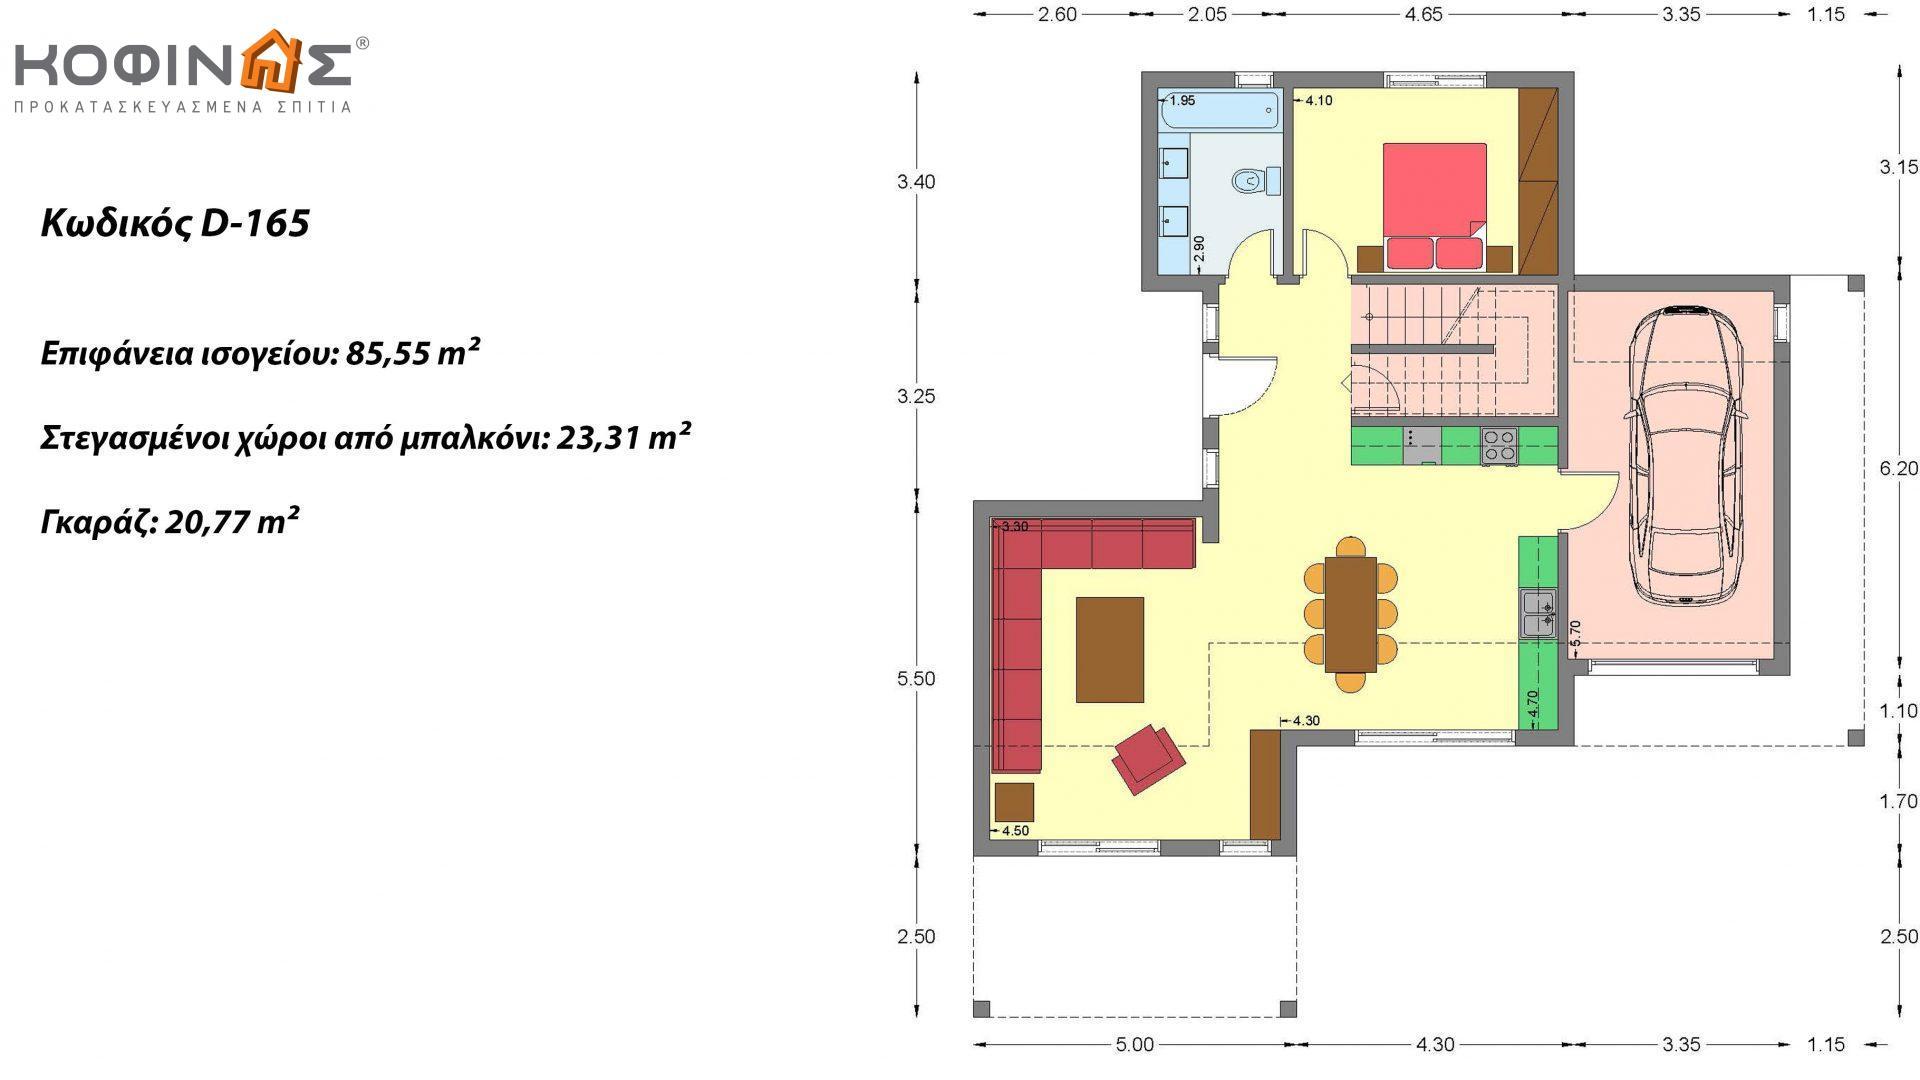 Διώροφη Κατοικία D-165 συνολικής επιφάνειας 165,54 τ.μ., +Γκαράζ 20.77 m²(=186.31 m²), συνολική επιφάνεια στεγασμένων χώρων 23.31 τ.μ., μπαλκόνια 50.21 τ.μ.